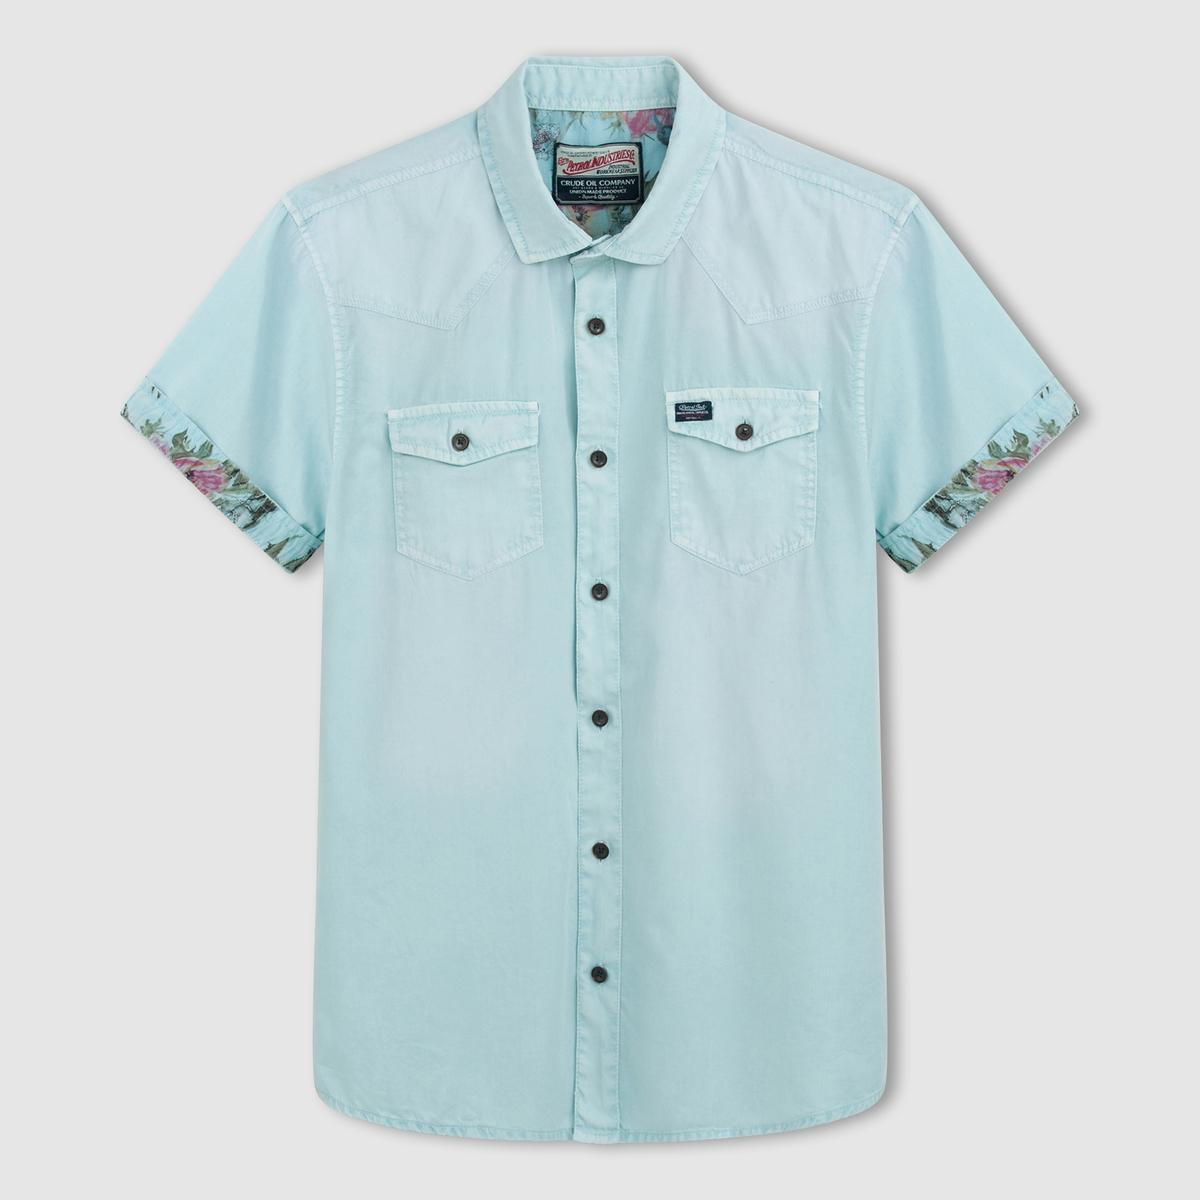 Рубашка с короткими рукавамиСостав и описание :Материал : 100% хлопкаМарка : PETROL INDUSTRIES.<br><br>Цвет: бирюзовый<br>Размер: XS